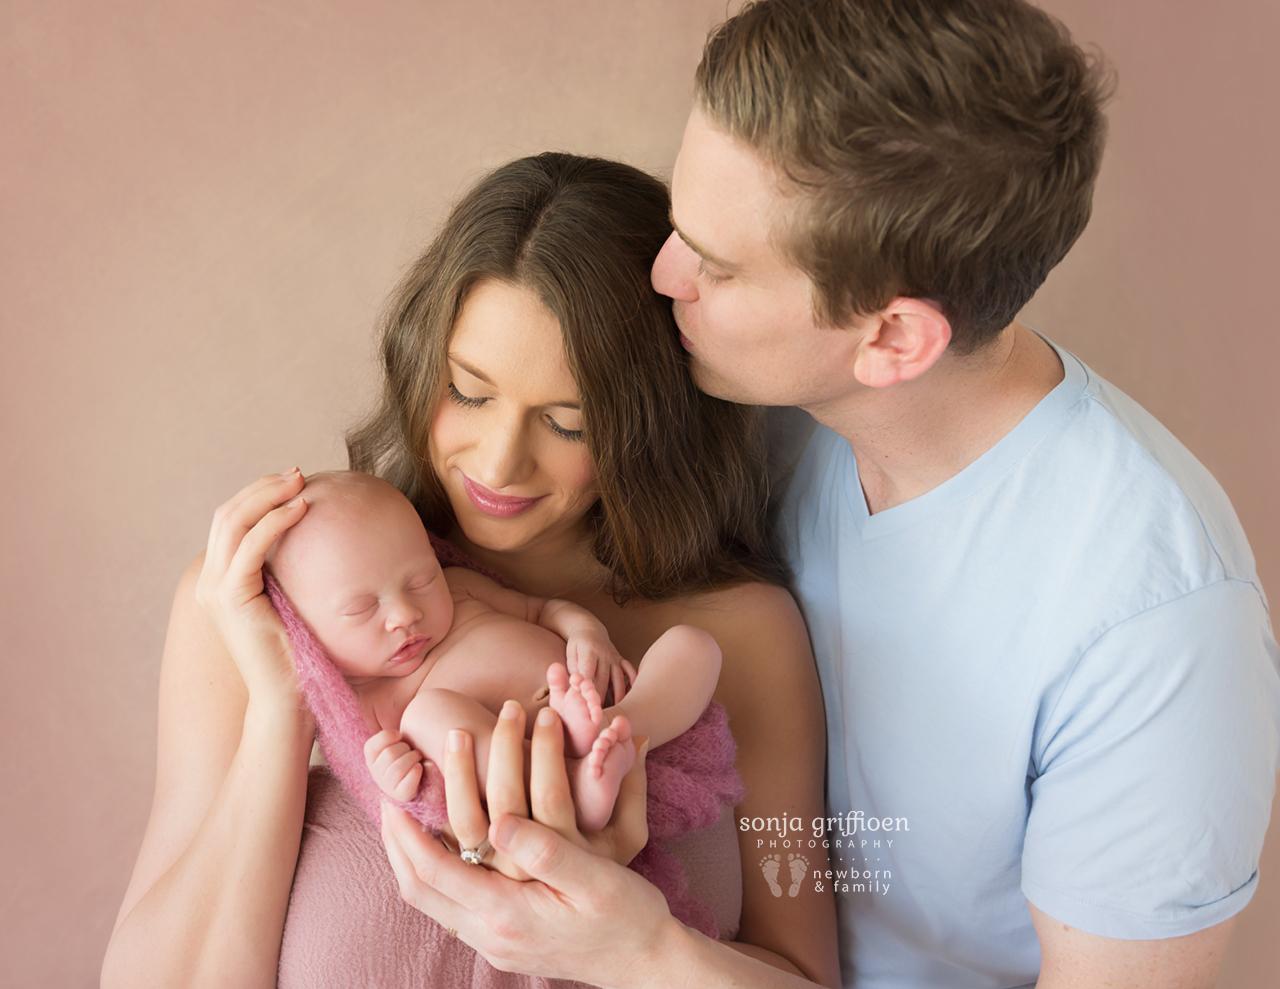 Elsie-Newborn-Brisbane-Newborn-Photographer-Sonja-Griffioen-10.jpg